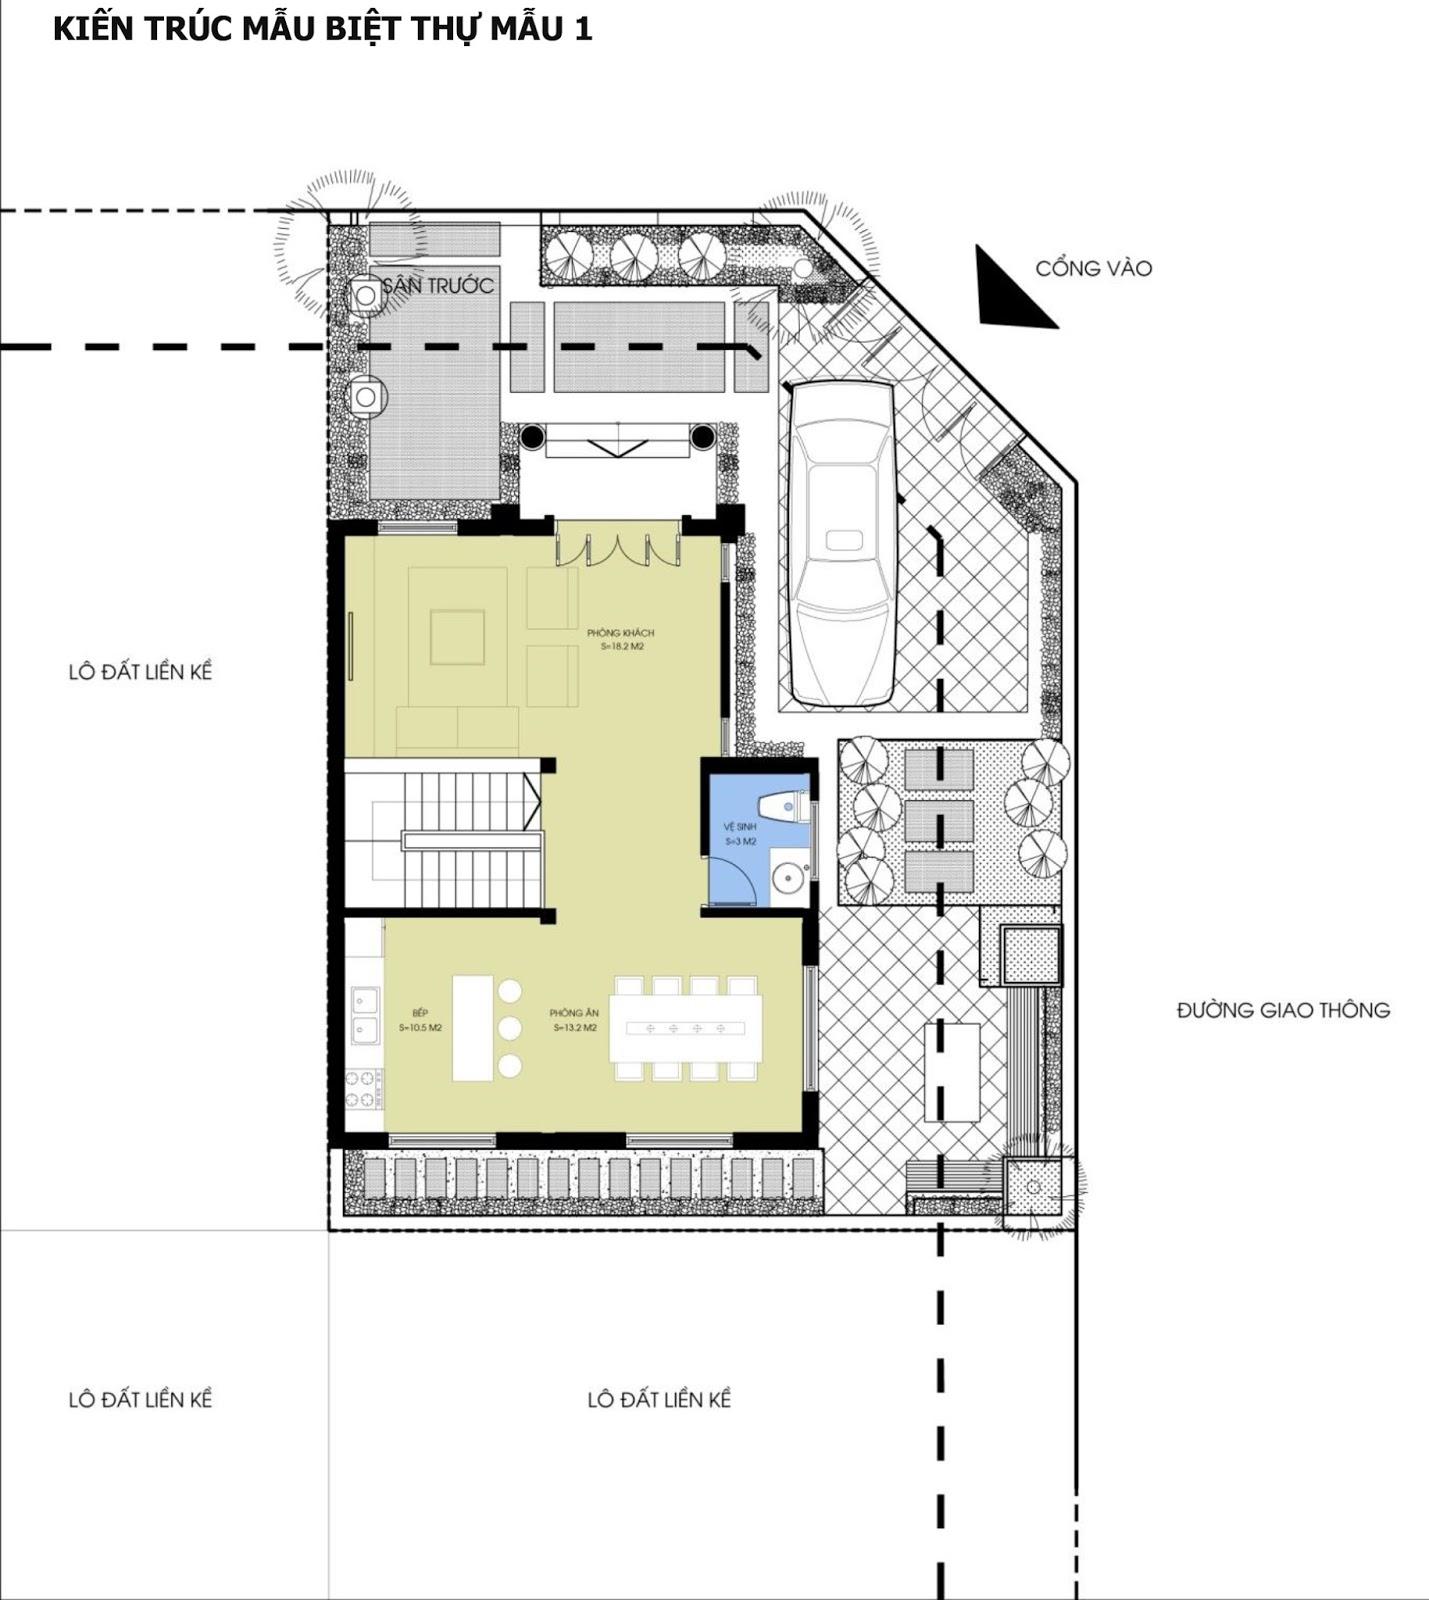 Mẫu Biệt thự thấp tầng - Dự án Hateco 3 và Hateco 5 Xuân Phương